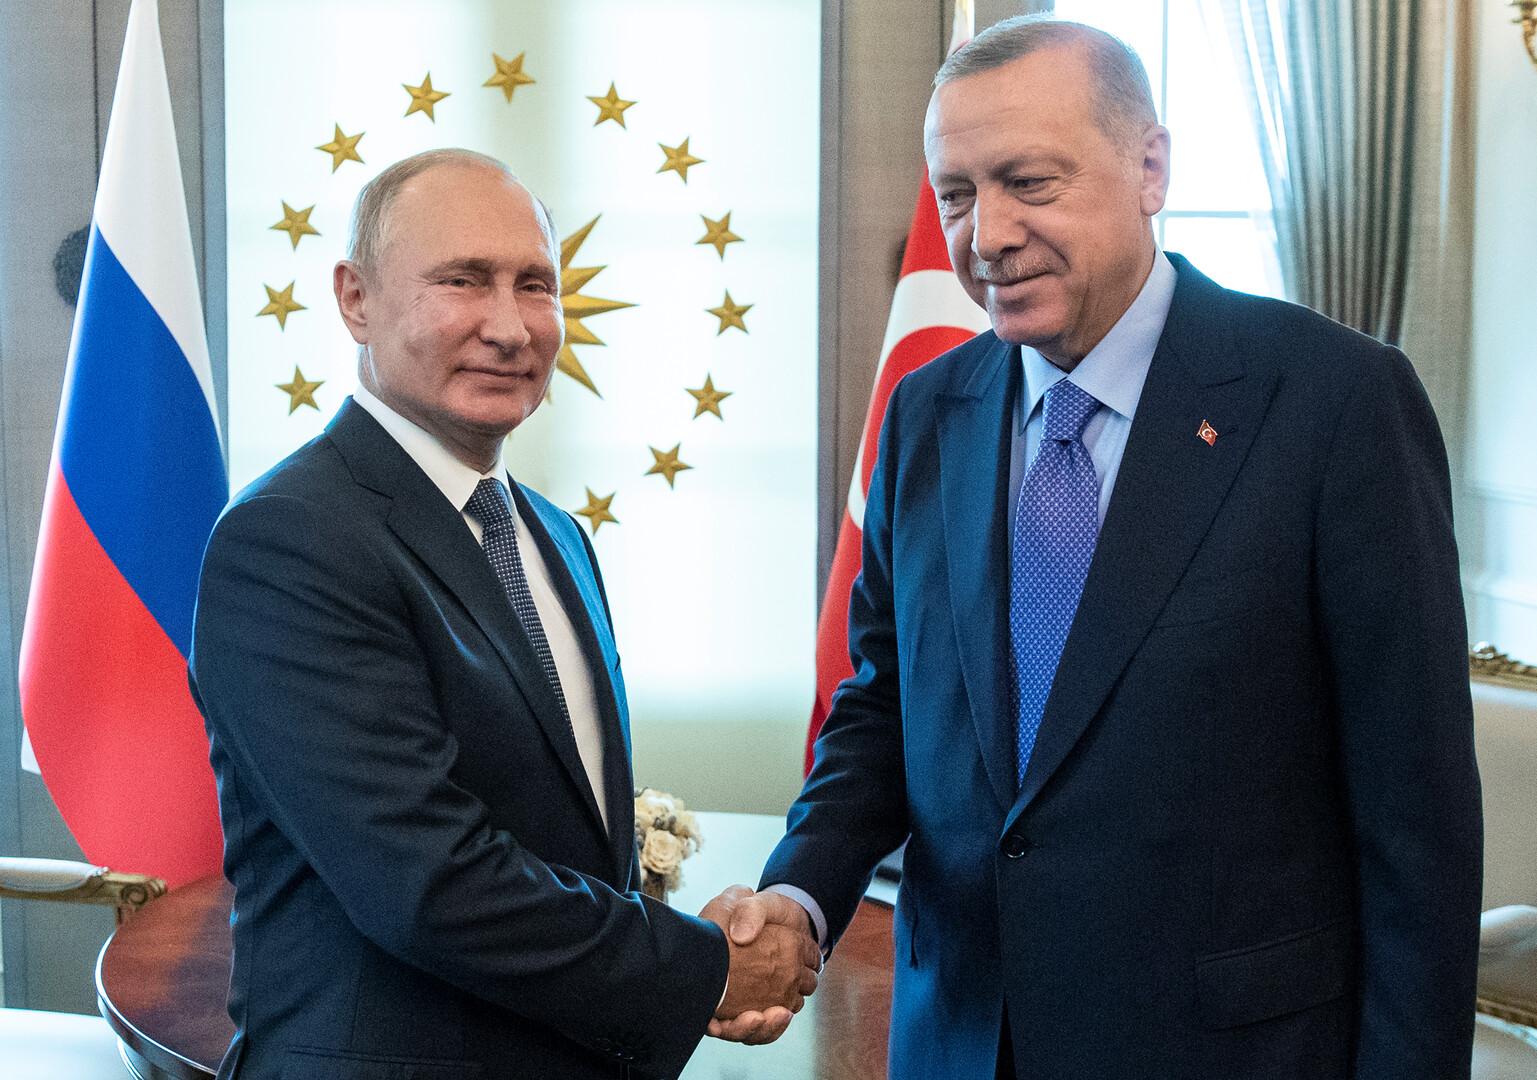 بوتين: التوافق على تشكيلة اللجنة الدستورية السورية